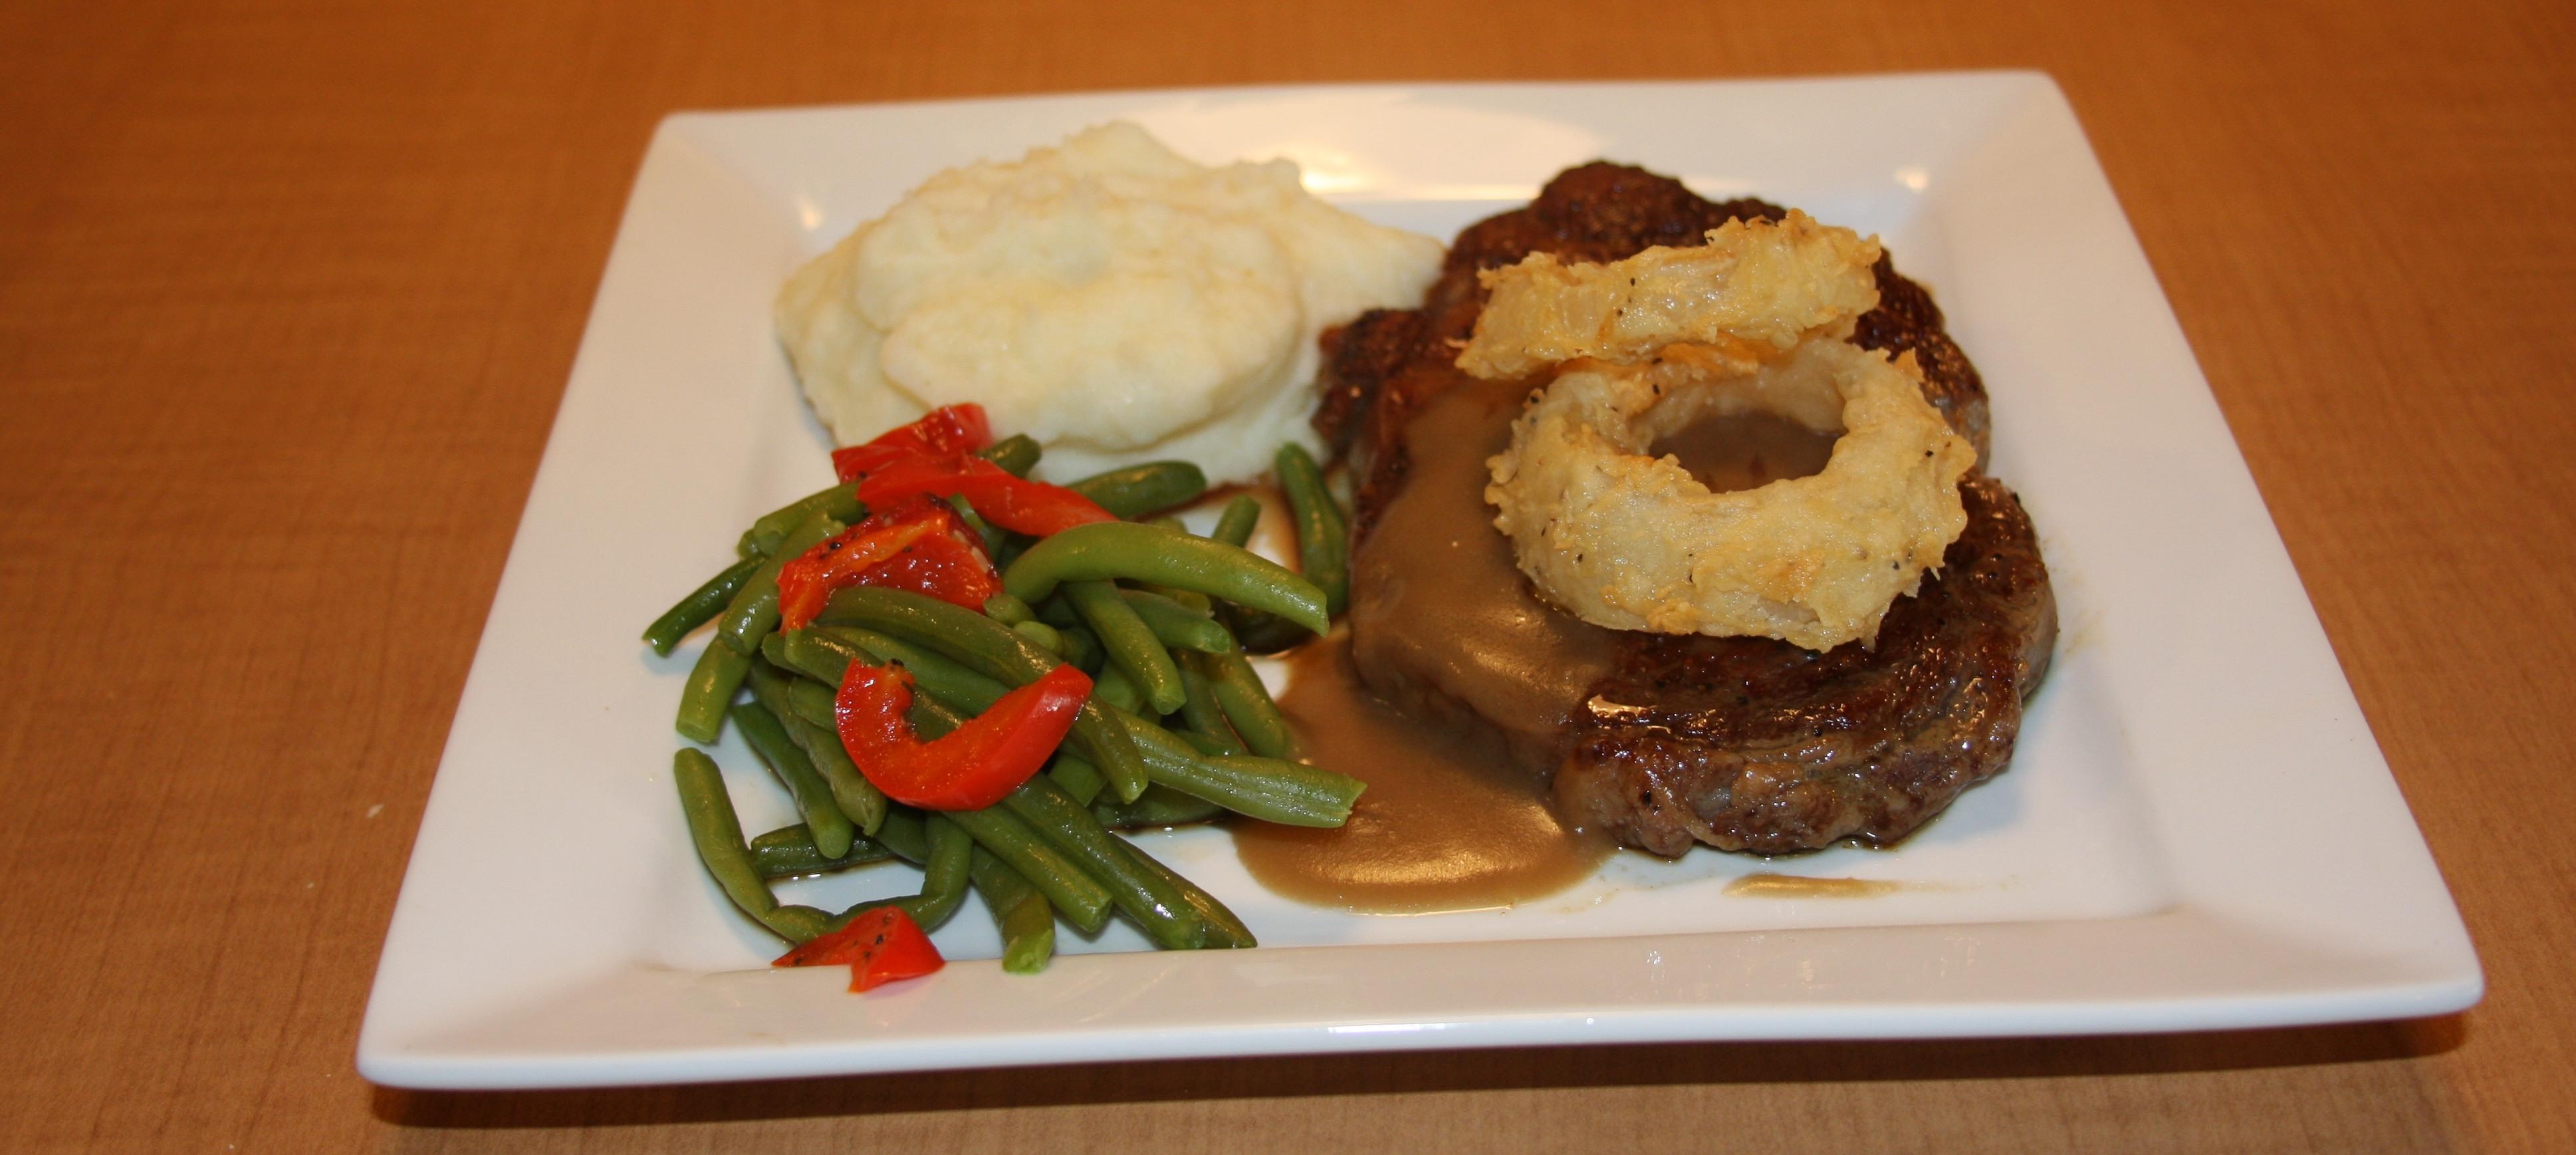 Korner Cafe image 2